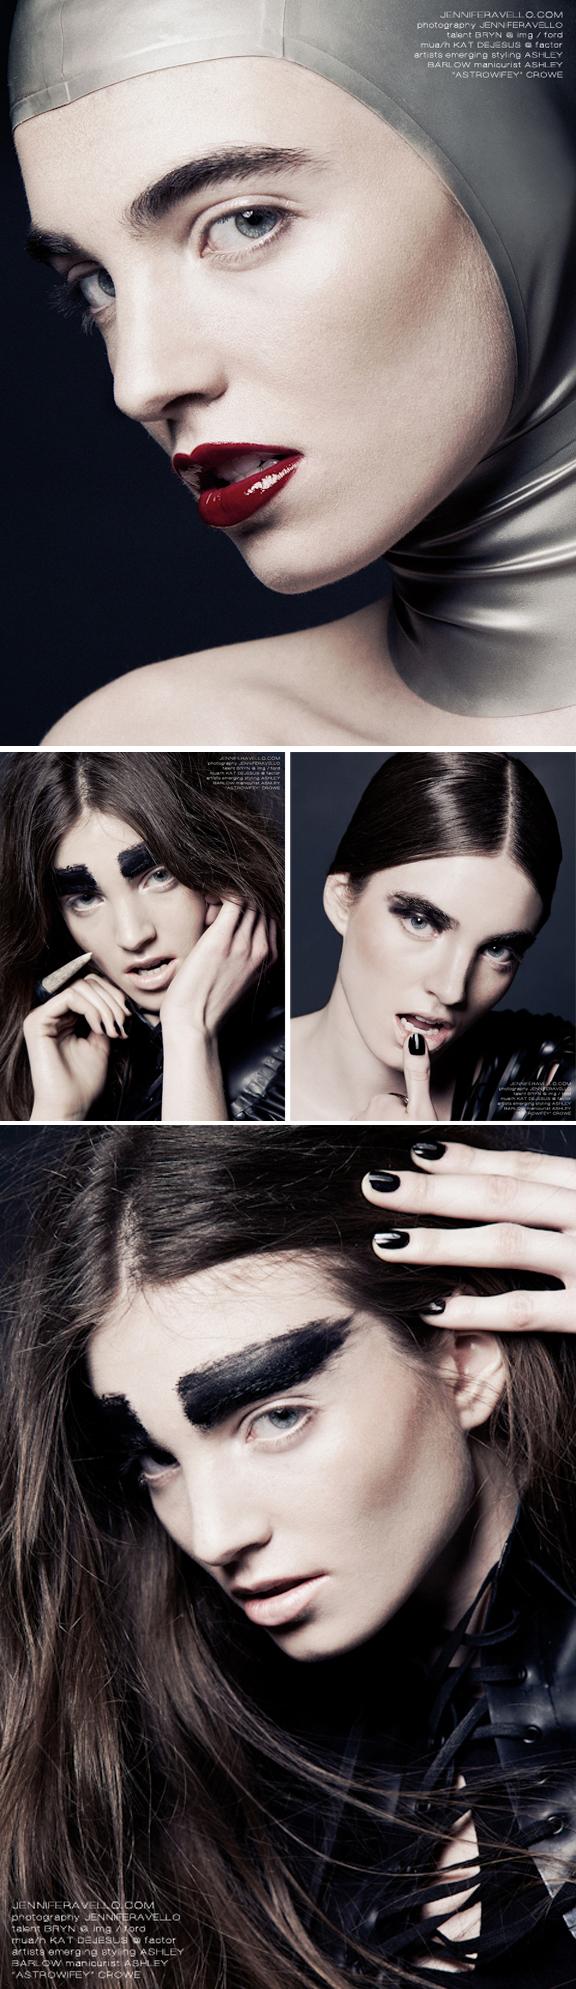 LA_Fashion_Beauty_Photographer_JenniferAvello_BRYNatIMG